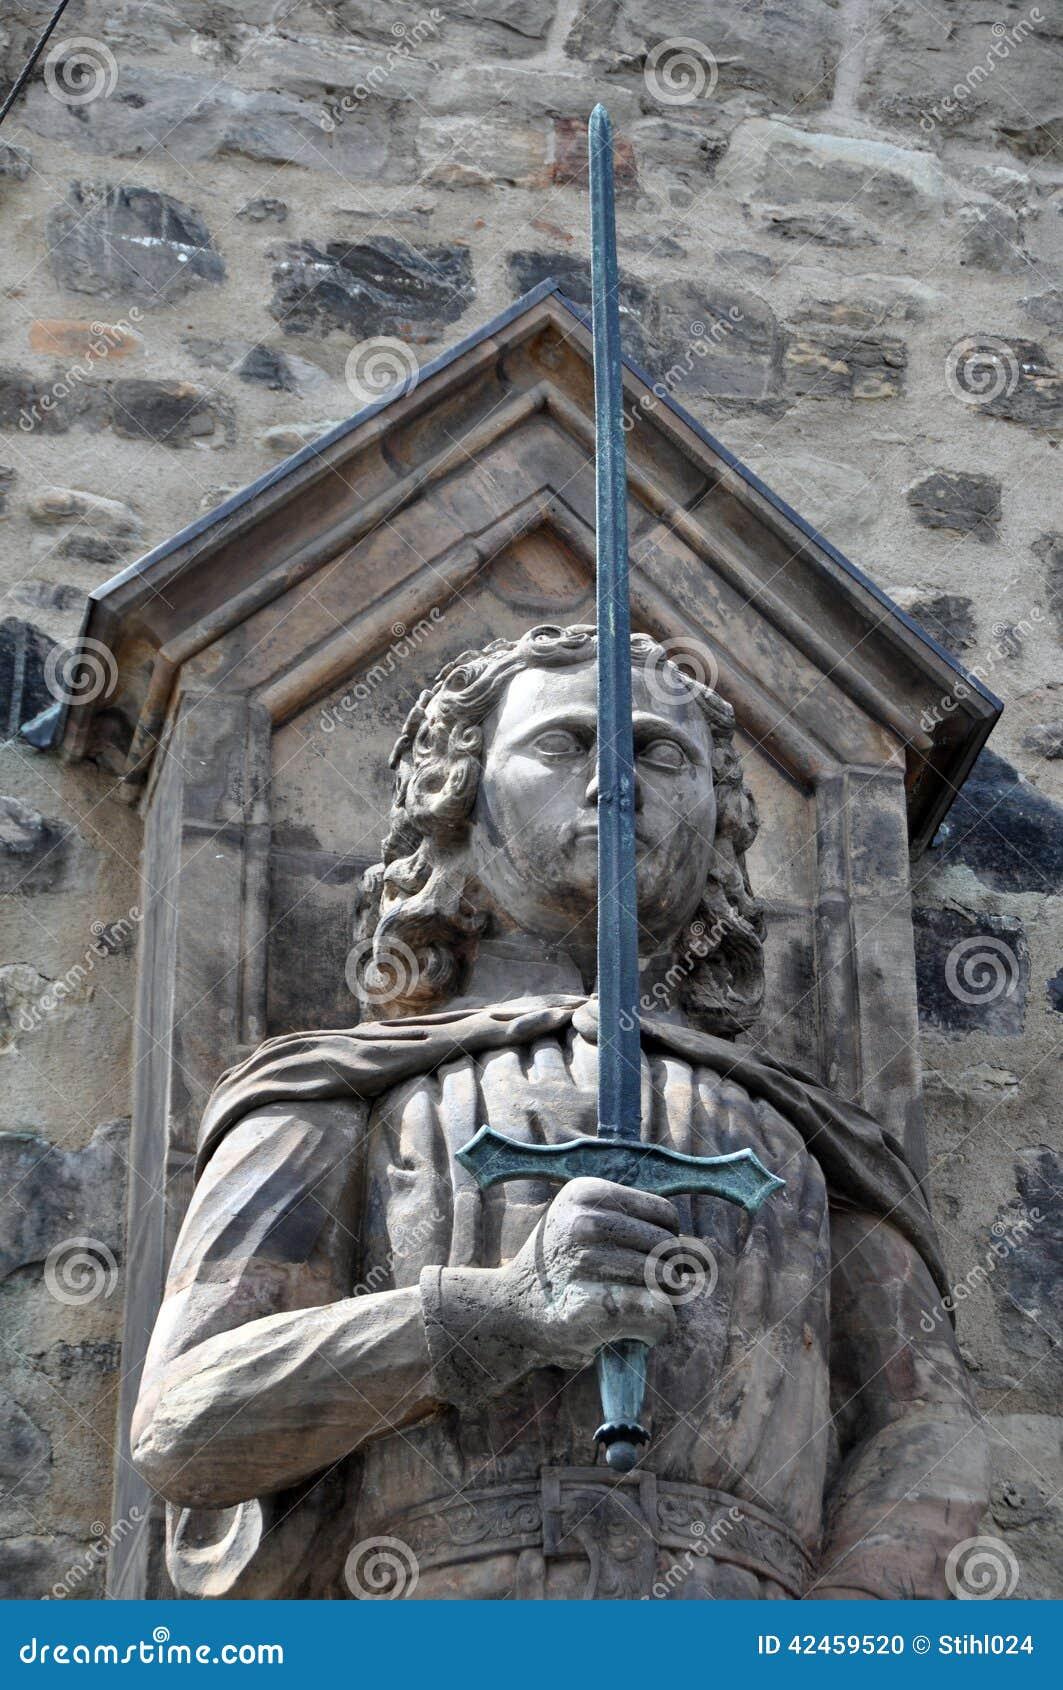 Statue: Ritter mit Klinge